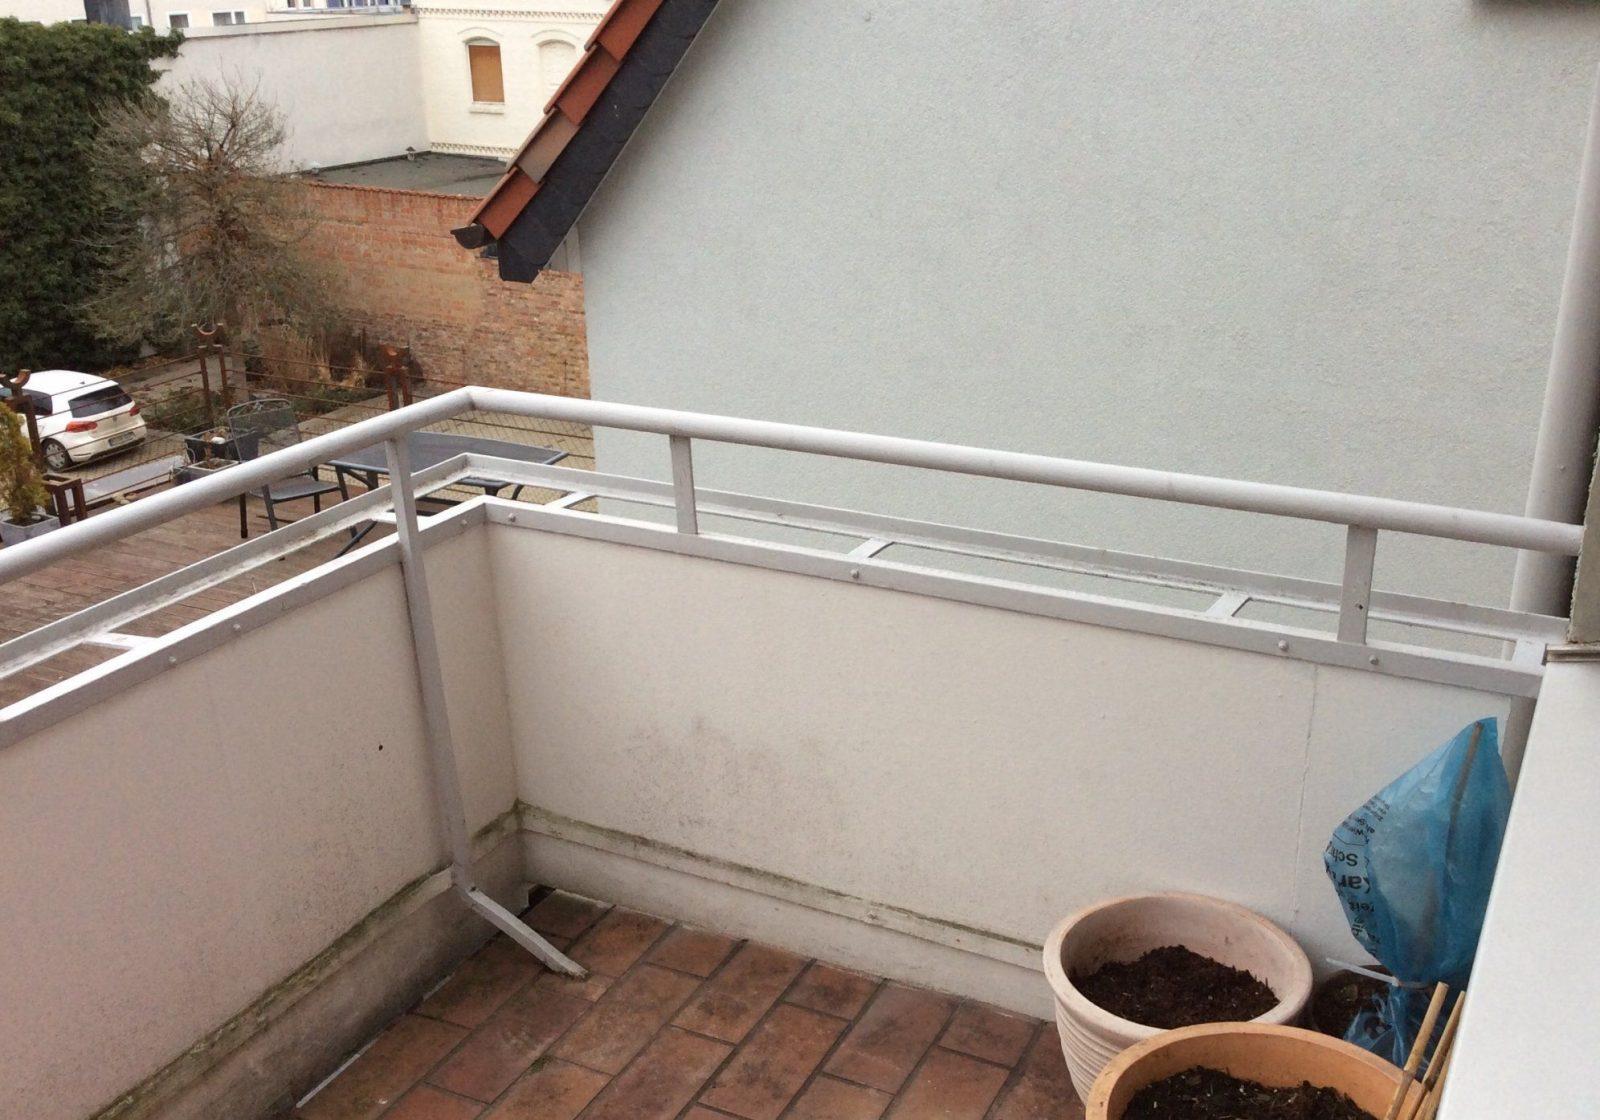 Seitlicher Sichtschutz Am Balkon  Selbst Diy Forum von Balkon Sichtschutz Ohne Bohren Photo